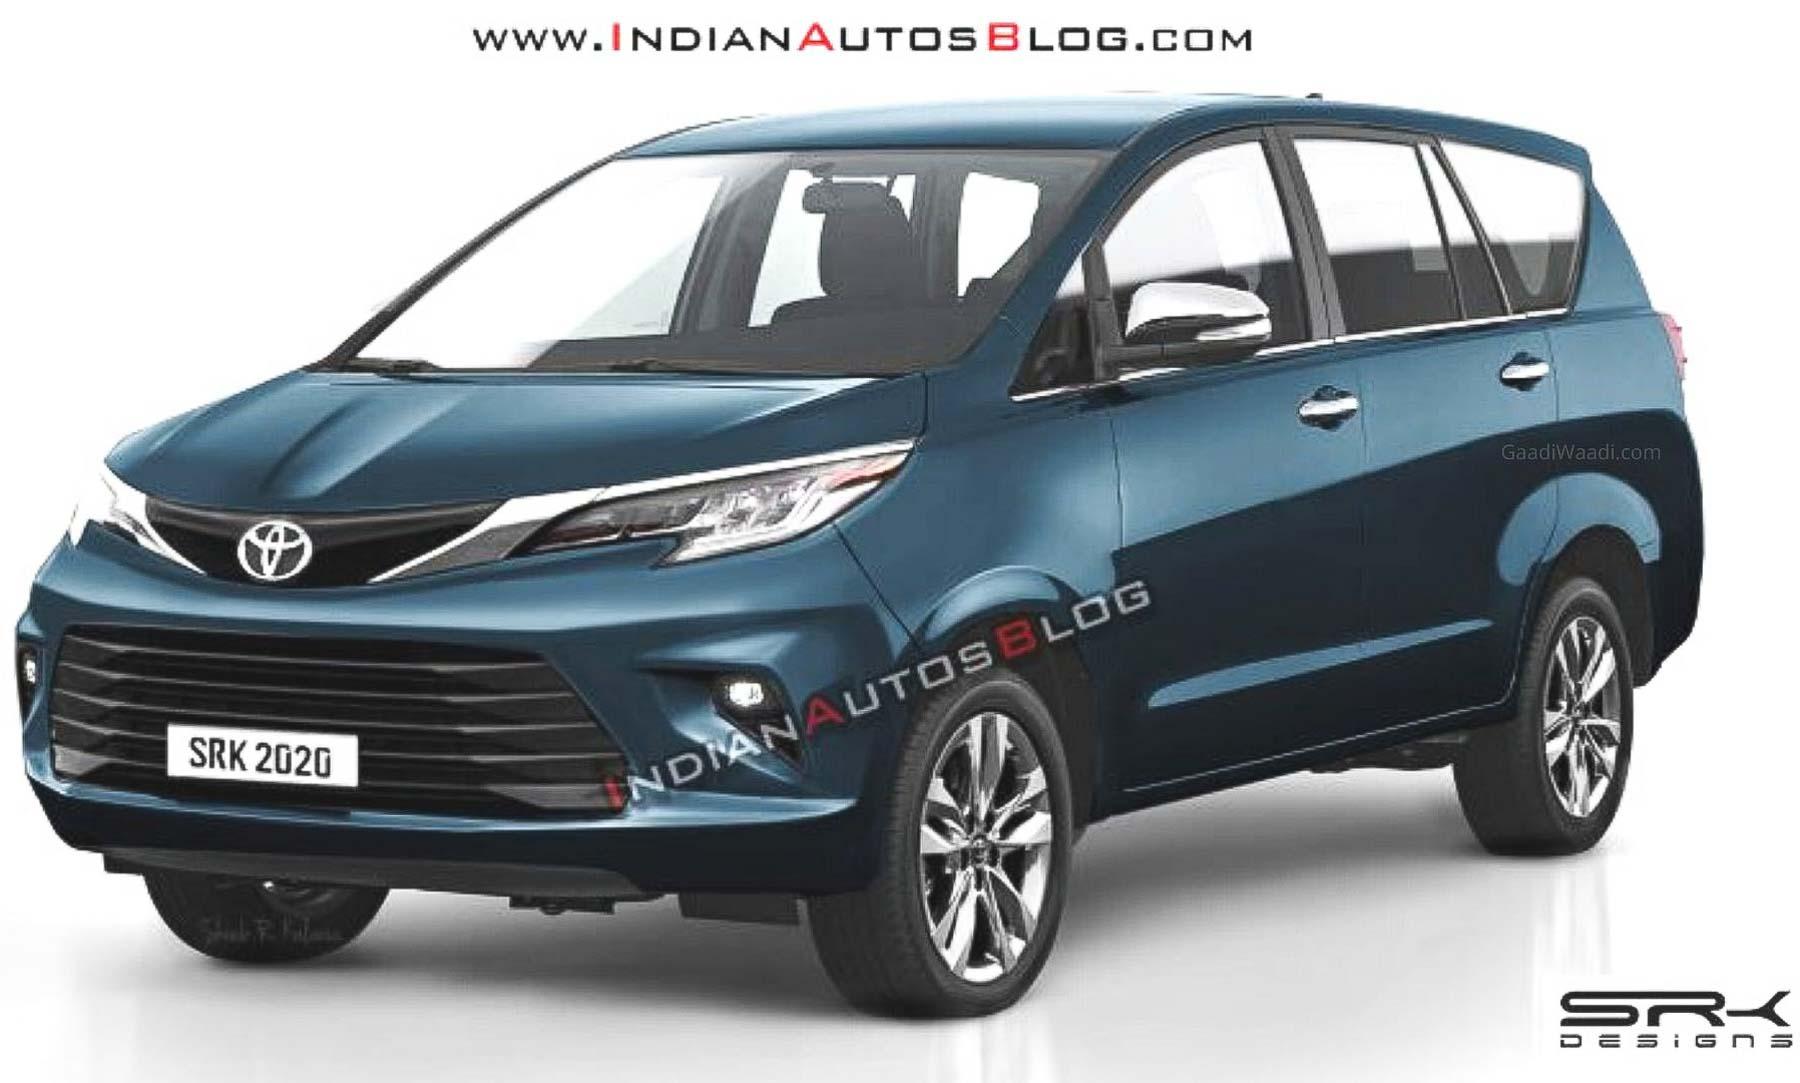 2021 Toyota Innova Crysta Facelift Imagined In New Digital Rendering